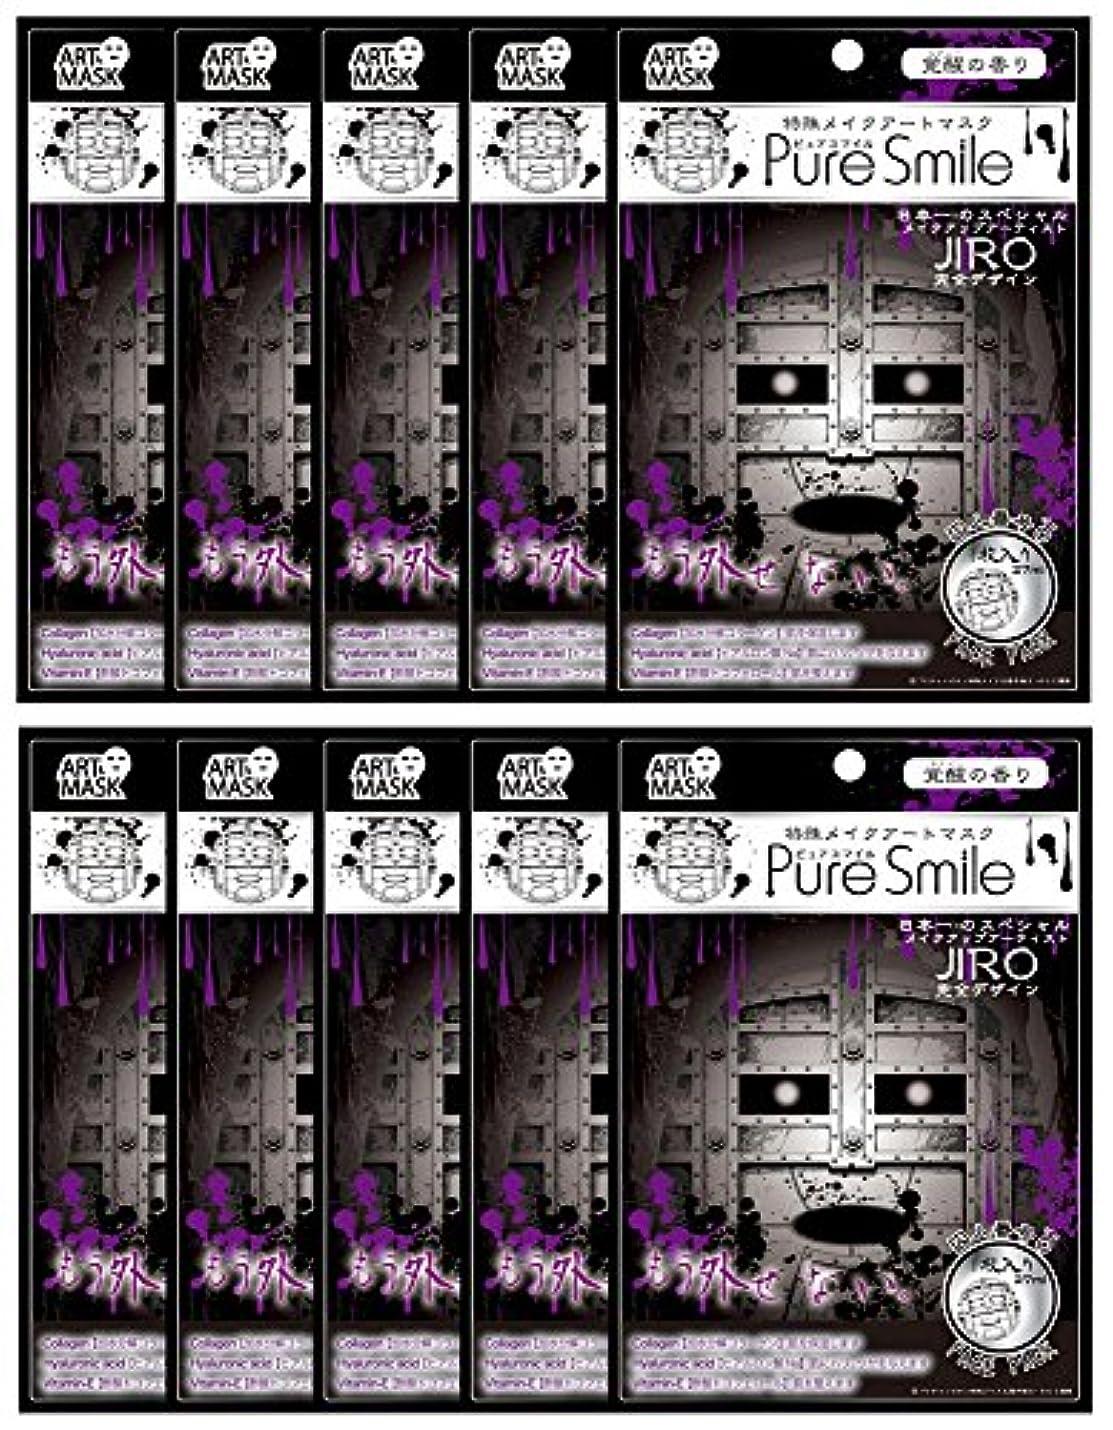 事話すレースピュアスマイル 特殊メイクアートマスク 囚人番号0 ART12 1枚入 ×10セット